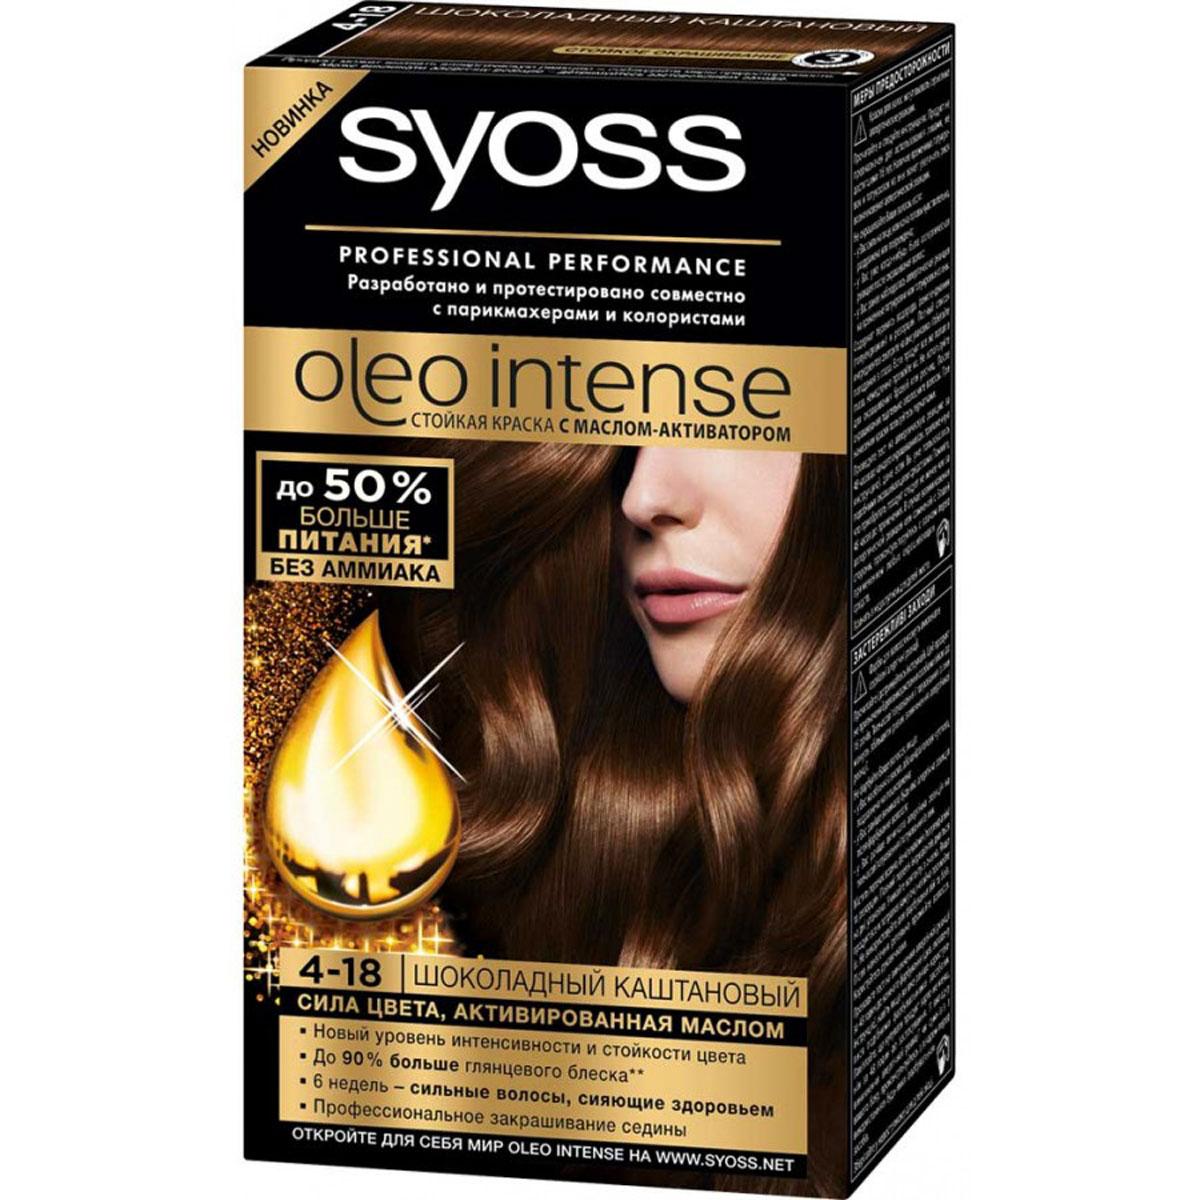 Syoss Краска для волос Oleo Intense, 4-18. Шоколадный каштановый93935007Краска для волос Syoss Oleo Intense - первая стойкая крем-маска на основе масла-активатора, без аммиака и со 100% чистыми маслами - для высокой интенсивности и стойкости цвета, профессионального закрашивания седины и до 90% больше блеска.